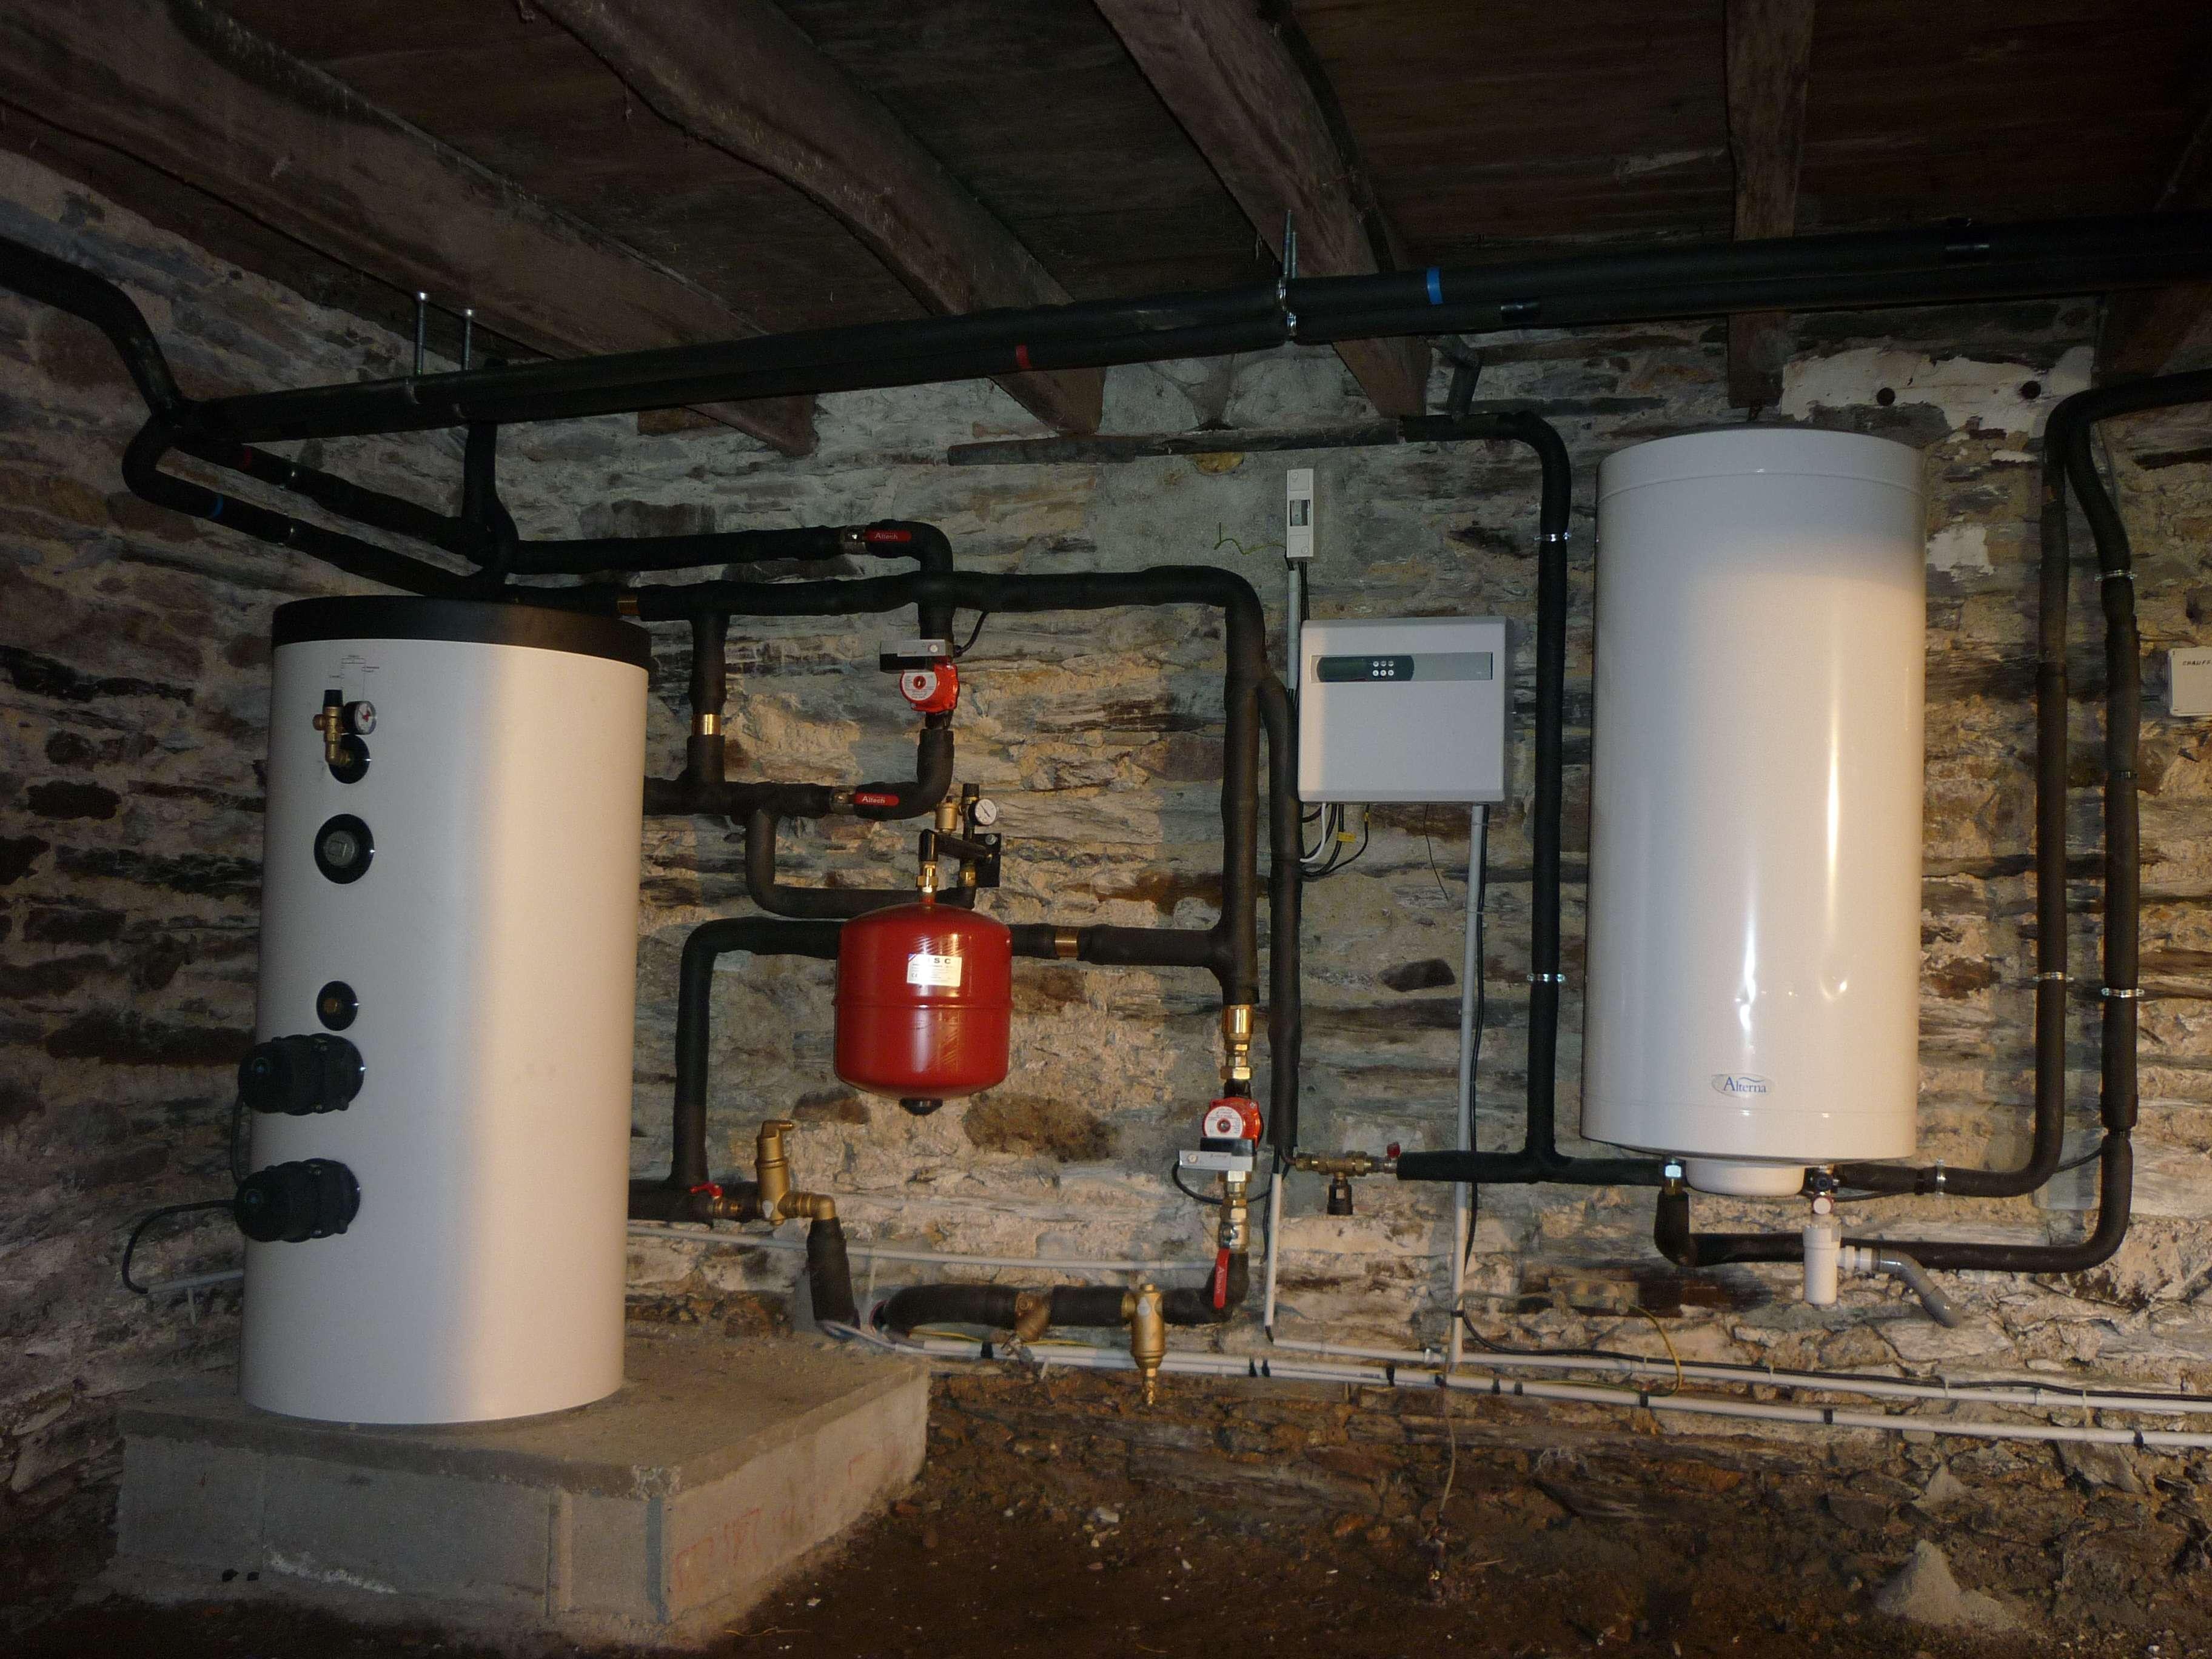 Energie renouvelable, pompe à chaleur, PAC, chauffe-eau thermodynamique, chauffe-eau électrique